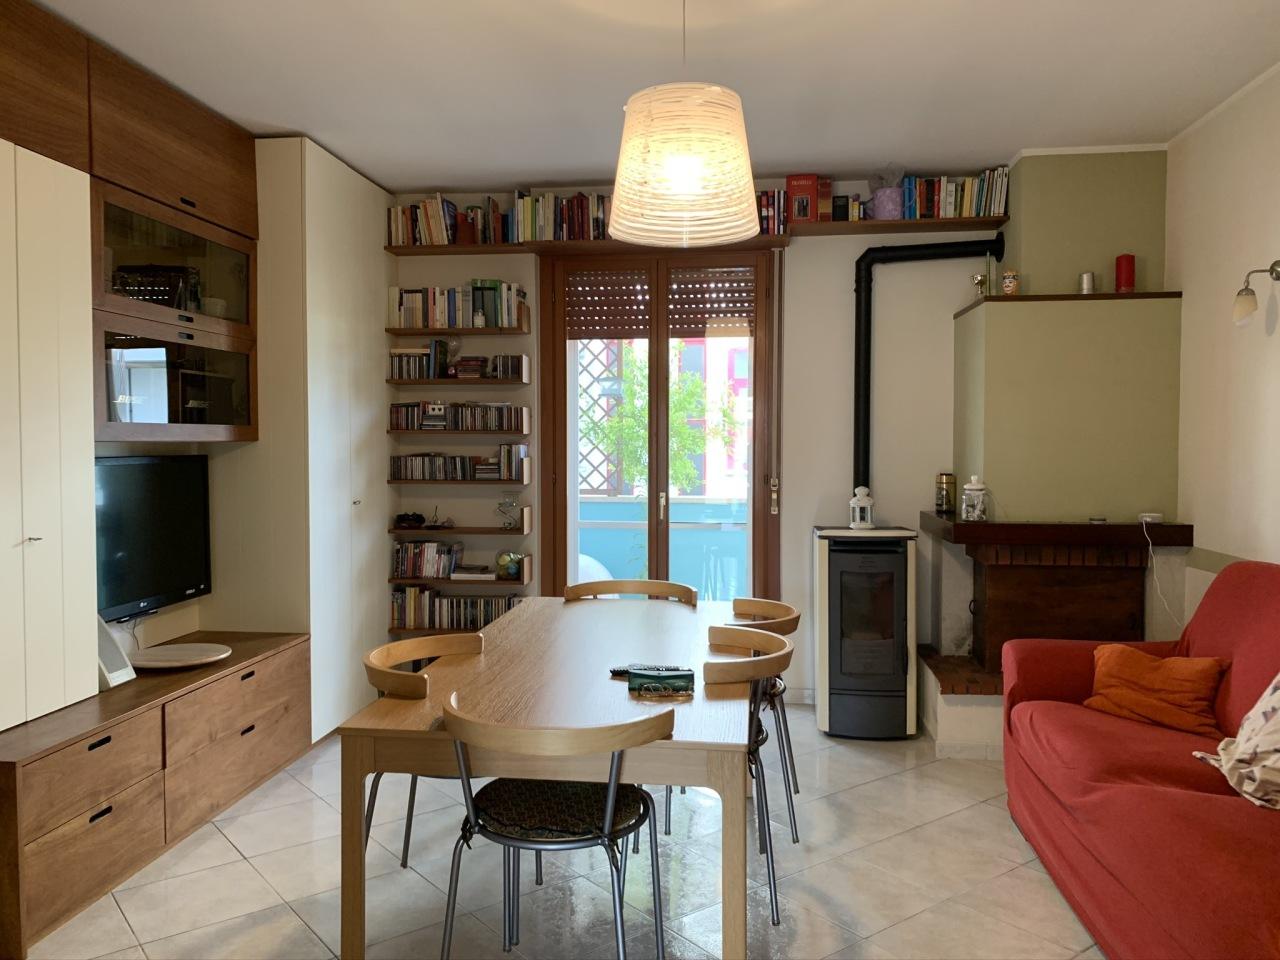 Appartamento in vendita a Monteprandone, 4 locali, prezzo € 135.000 | CambioCasa.it